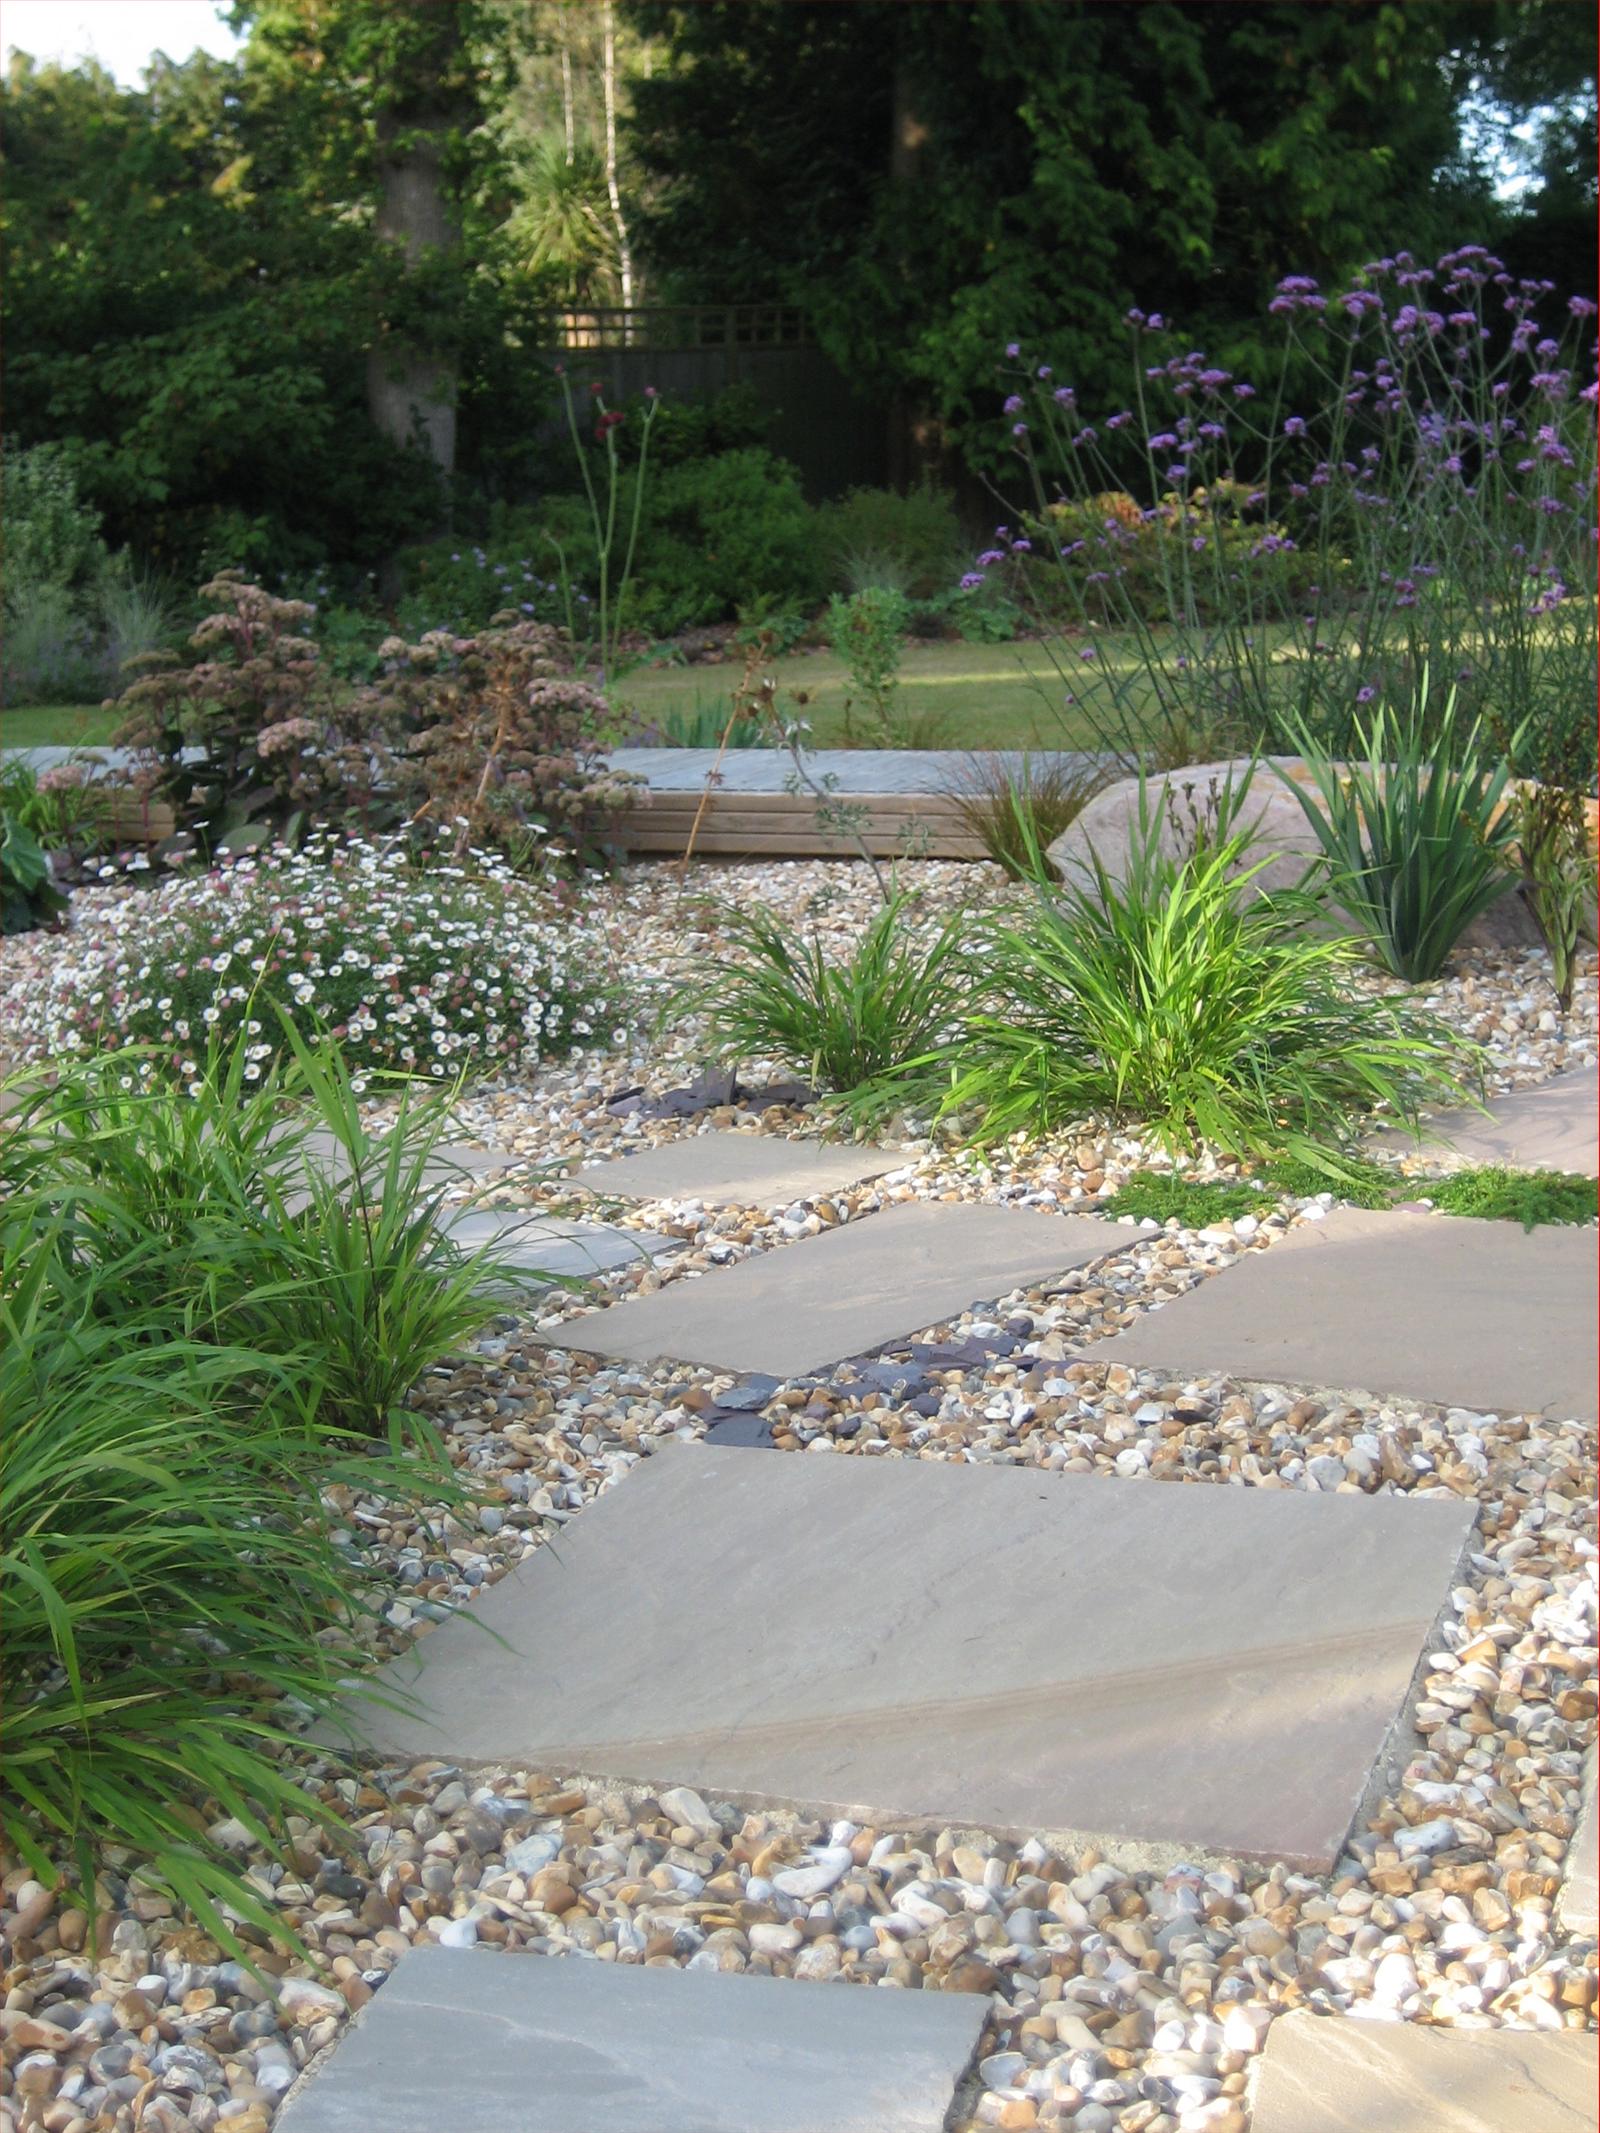 Chris Moss Gardens Gardens Country West Sussex Iii Cottage Garden Plants Garden Landscape Design Garden Design